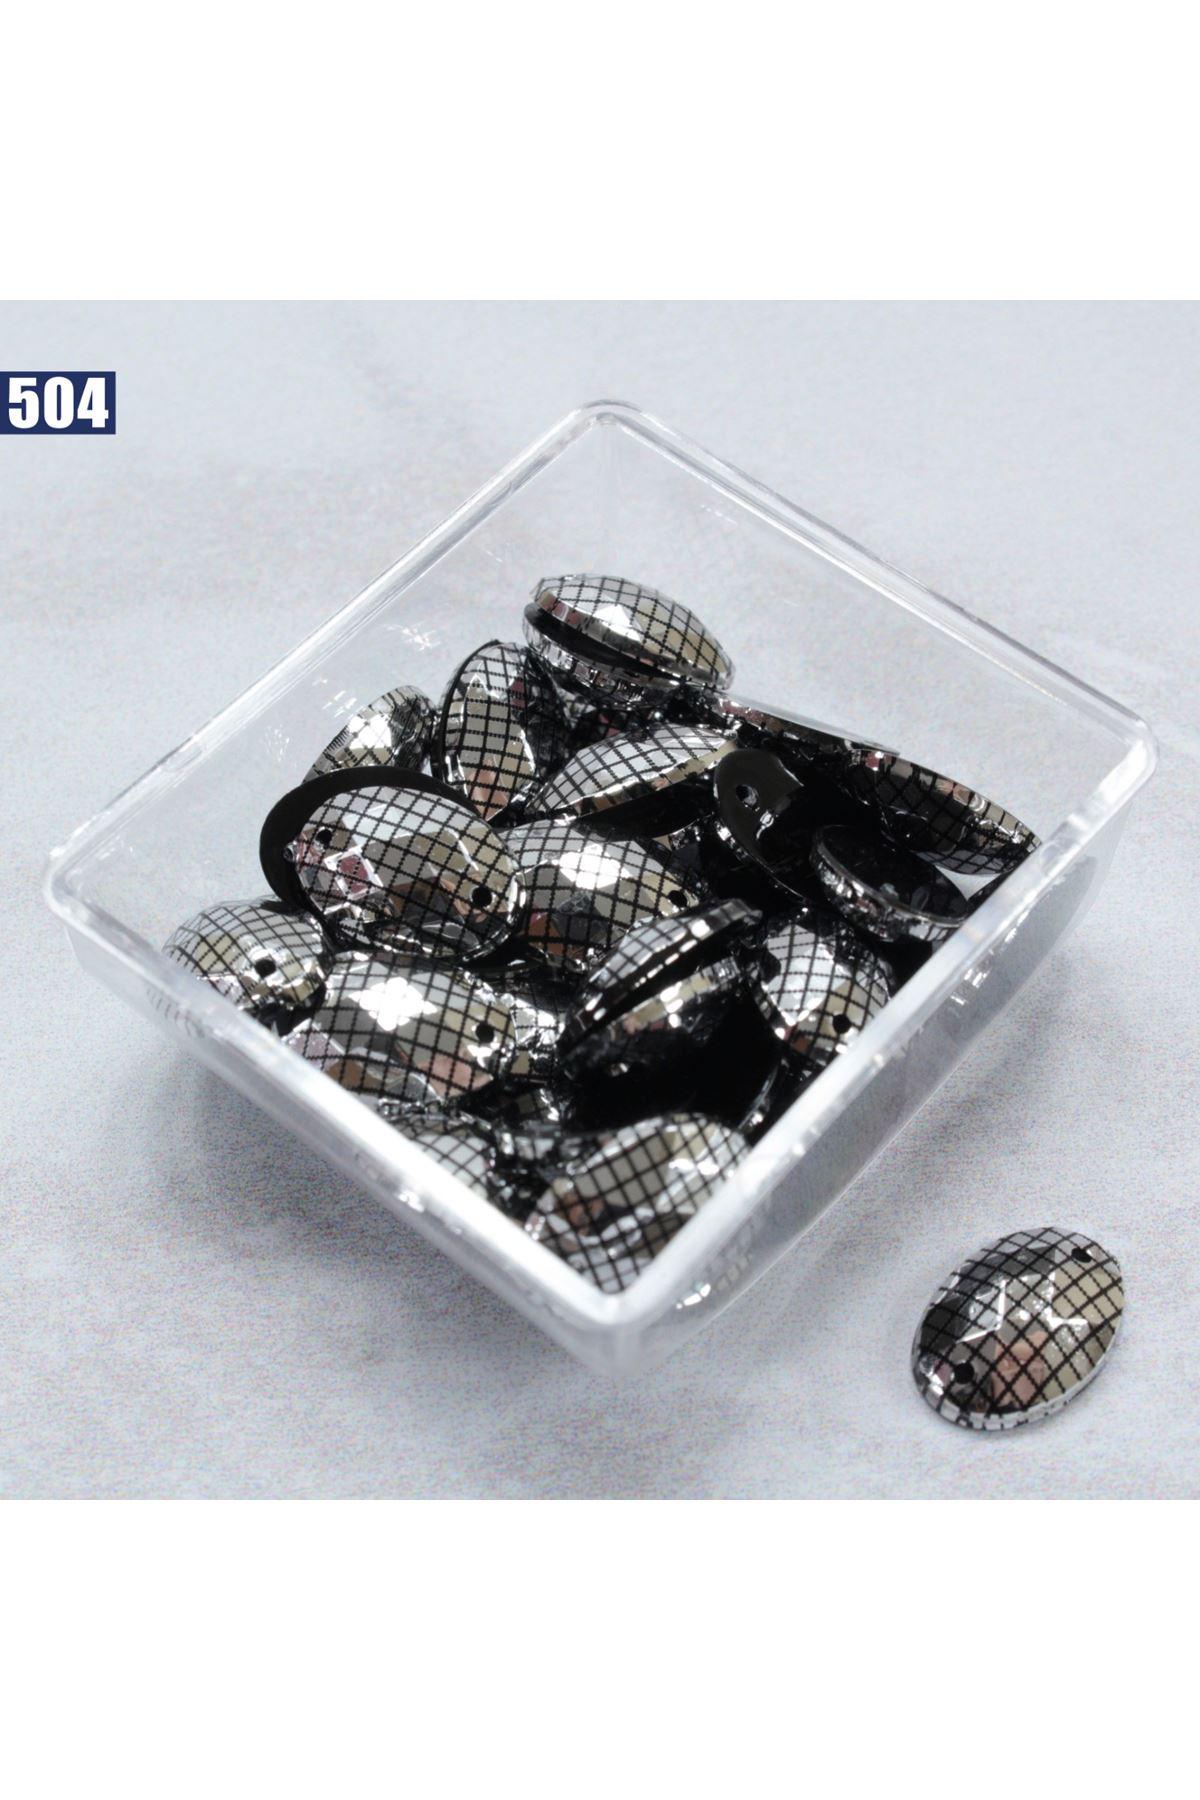 Boncuk 10 gram -504